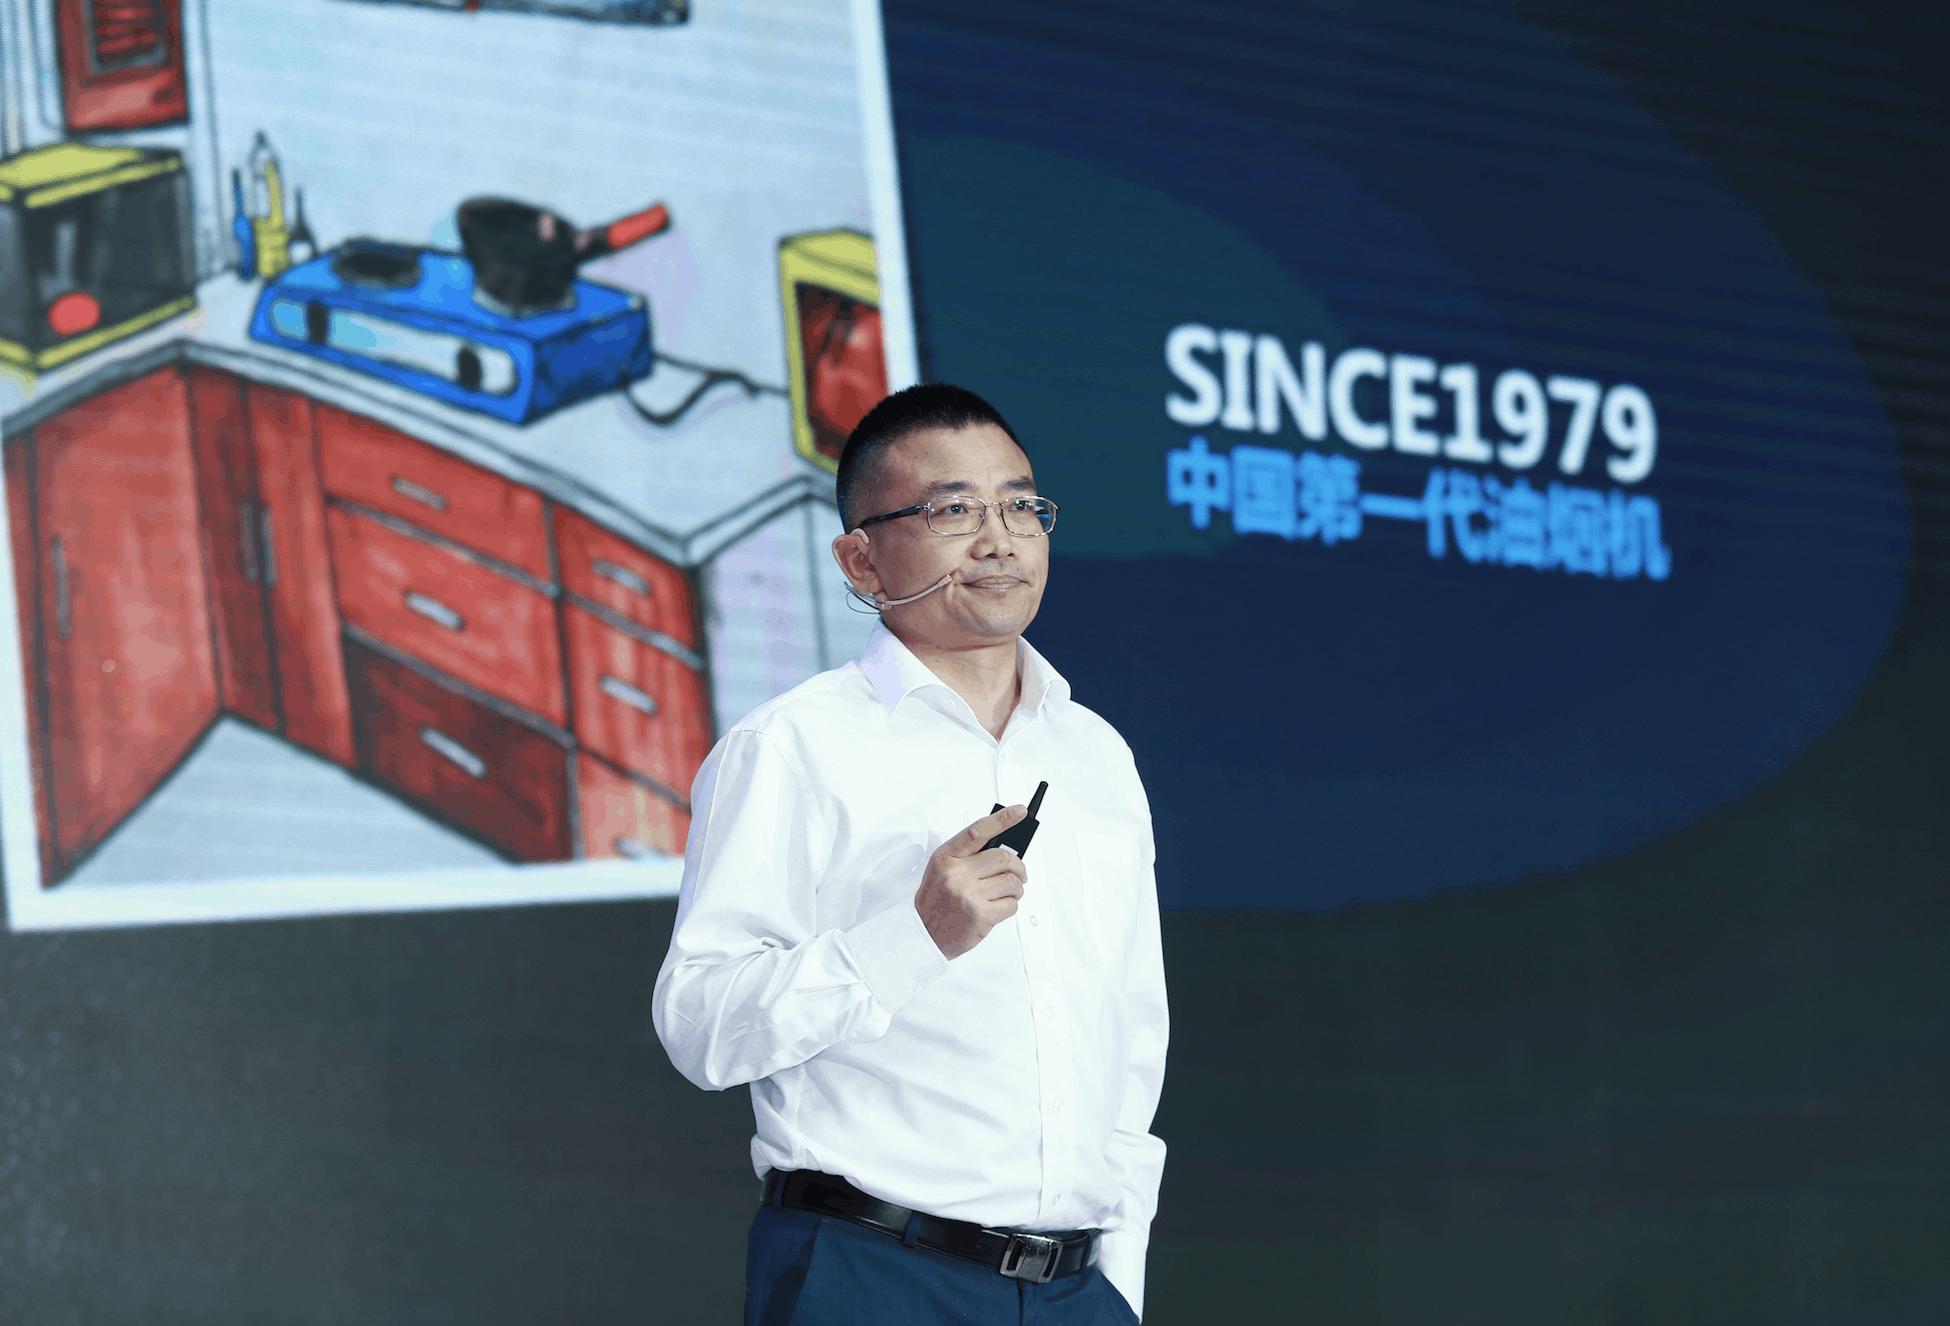 老板电器何亚东:销量全球第一依然选择自我颠覆